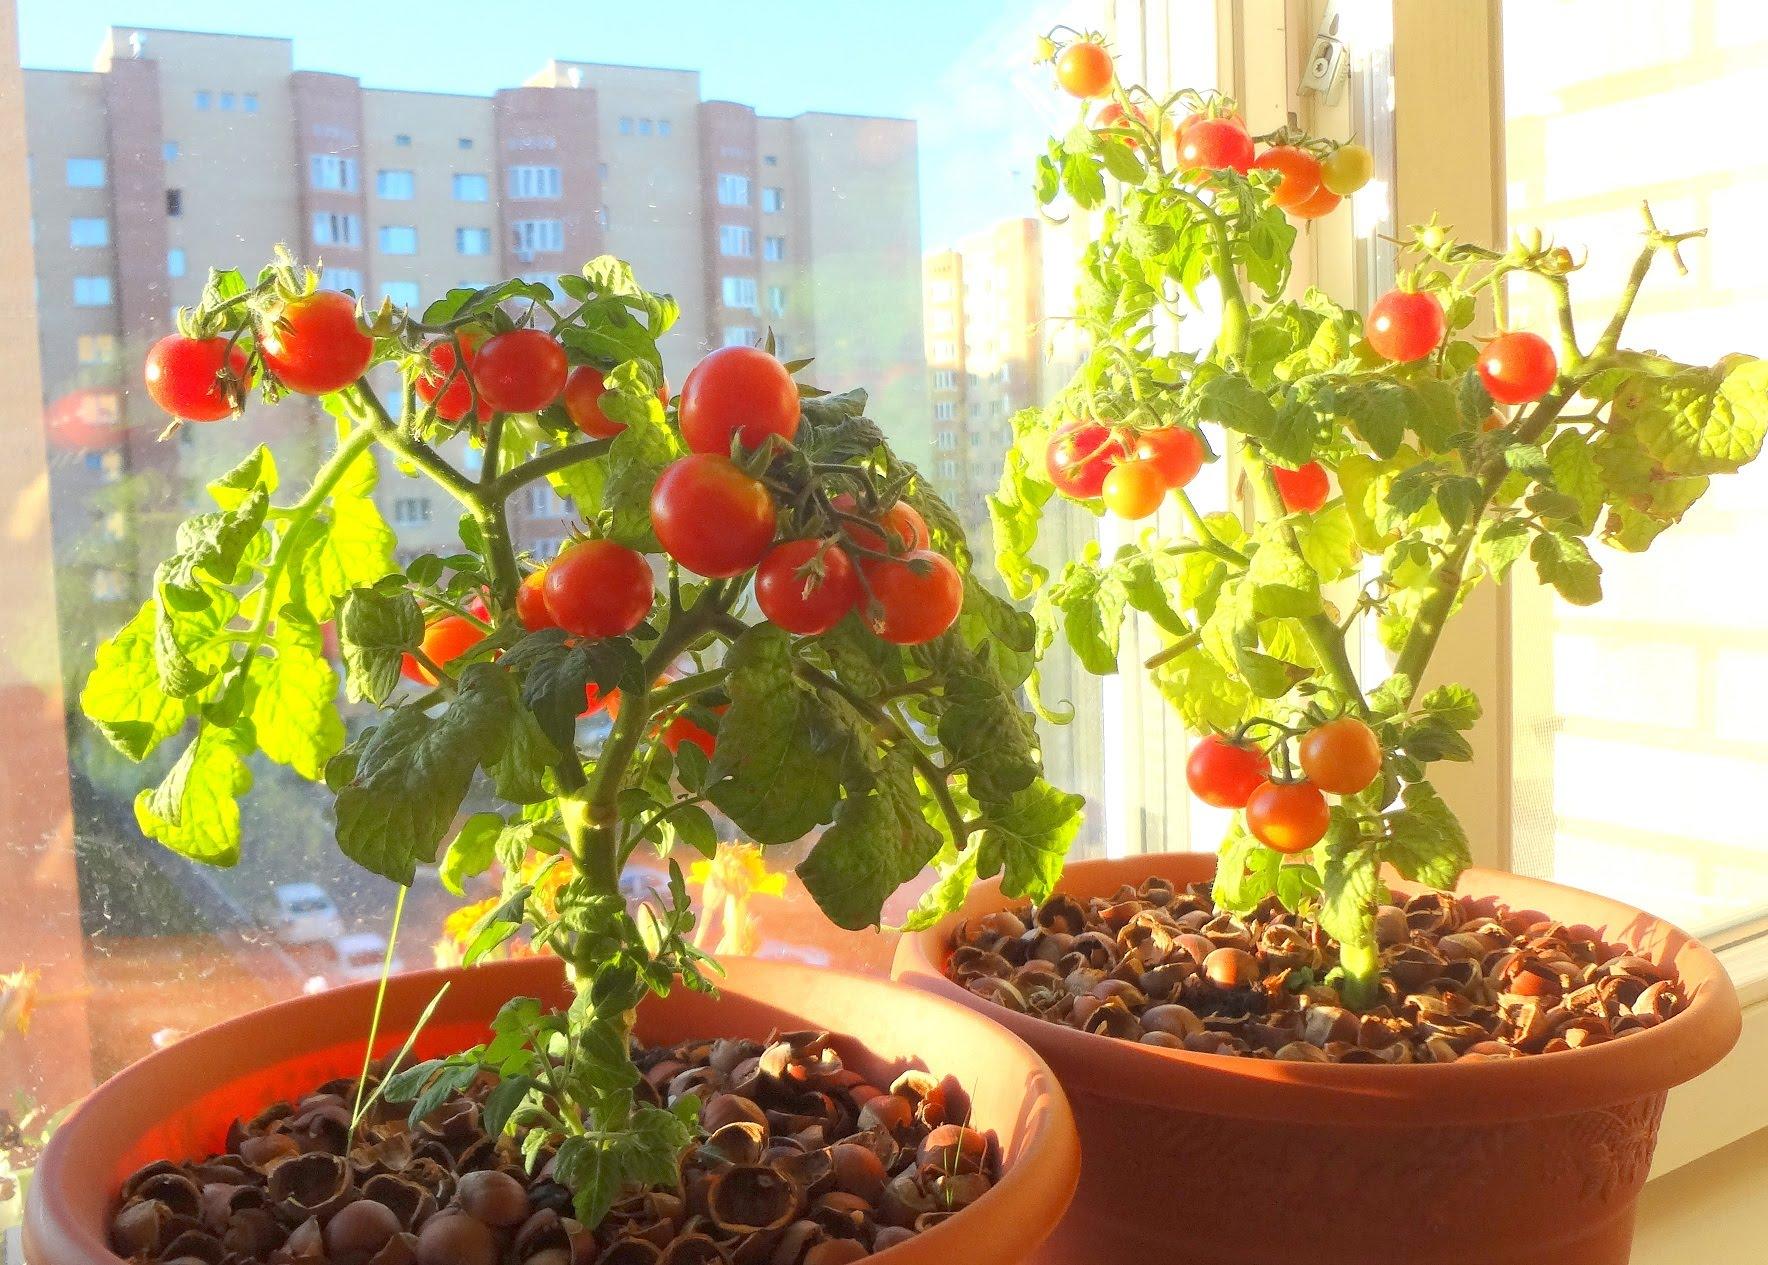 Помидоры на подоконнике зимой: выбор сорта, посадка, уход, как собрать семена в домашних условиях, другие способы выращивания томатов дома